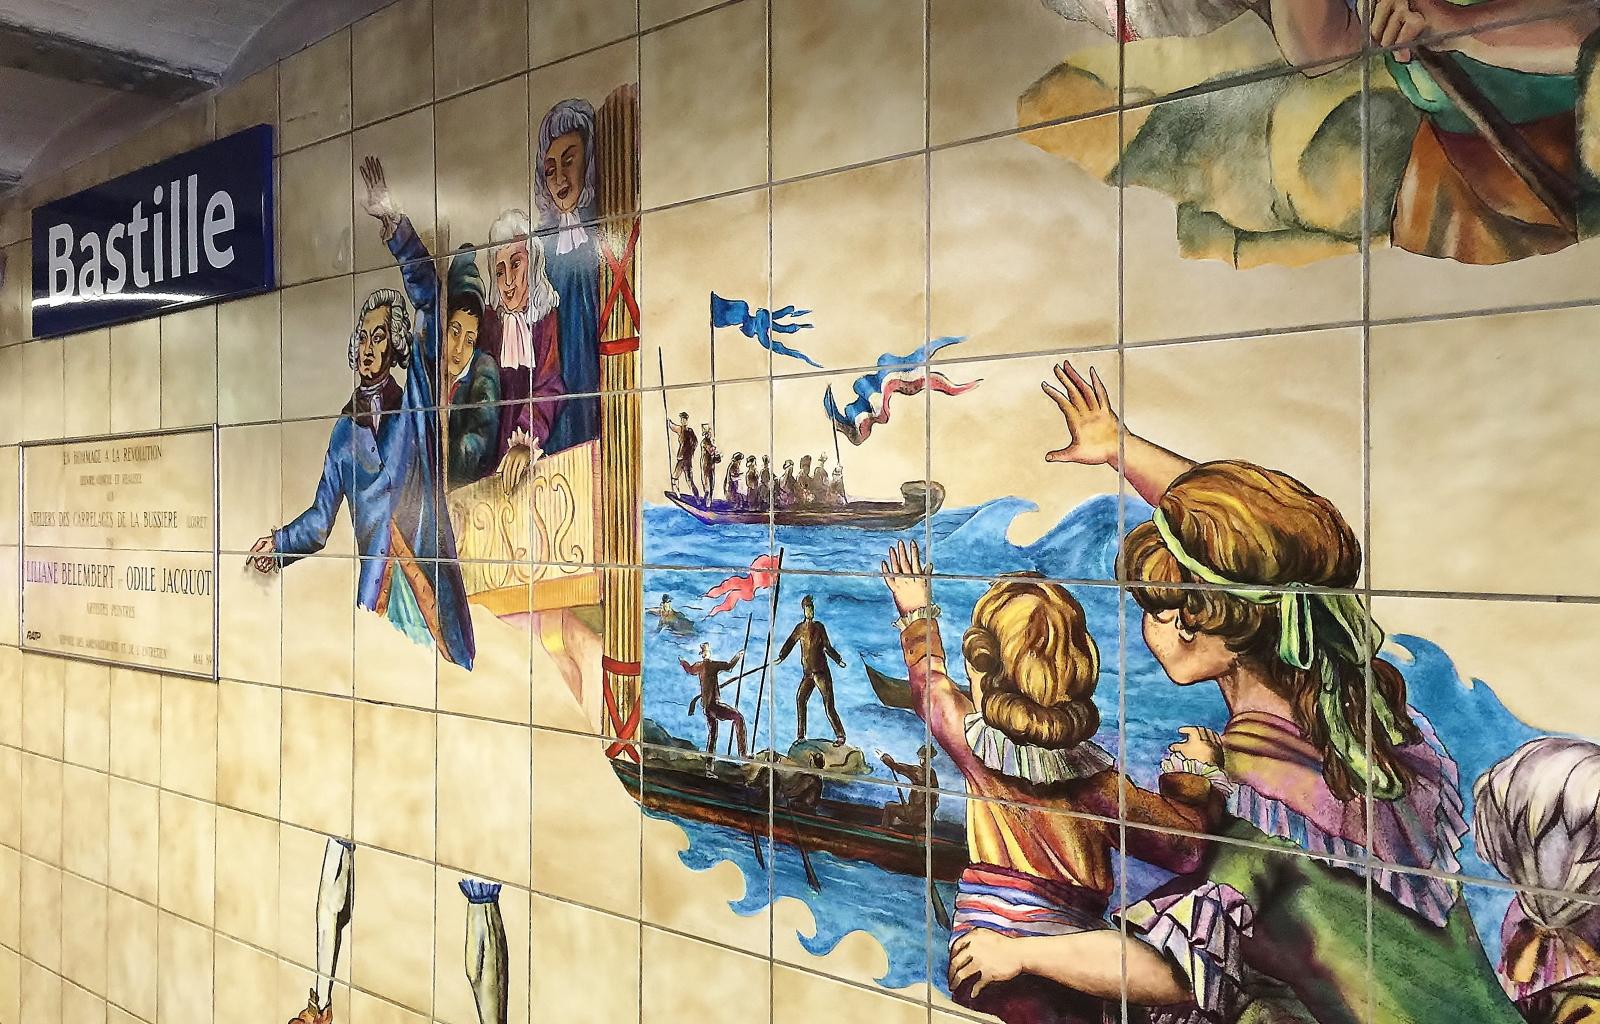 バスティーユ駅 壁画